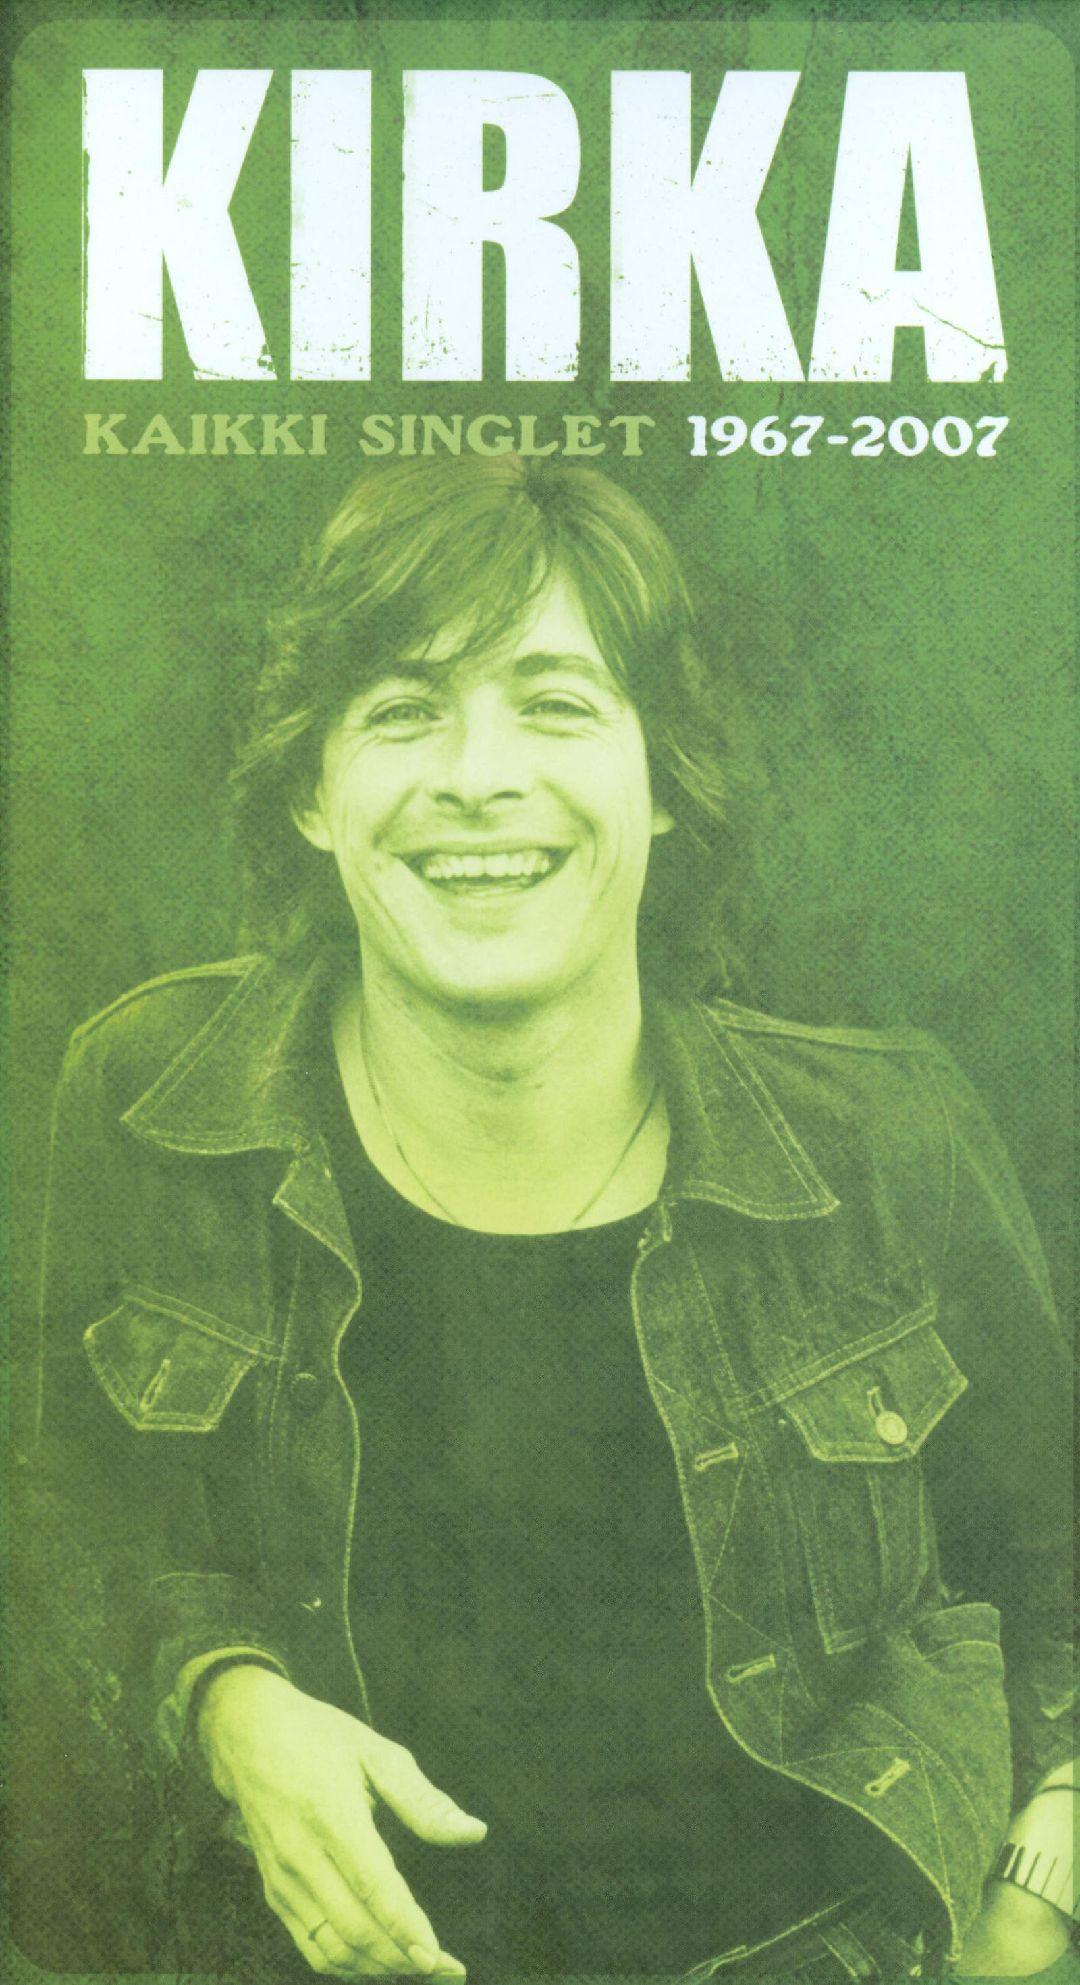 Kaikki Singlet 1967-2007